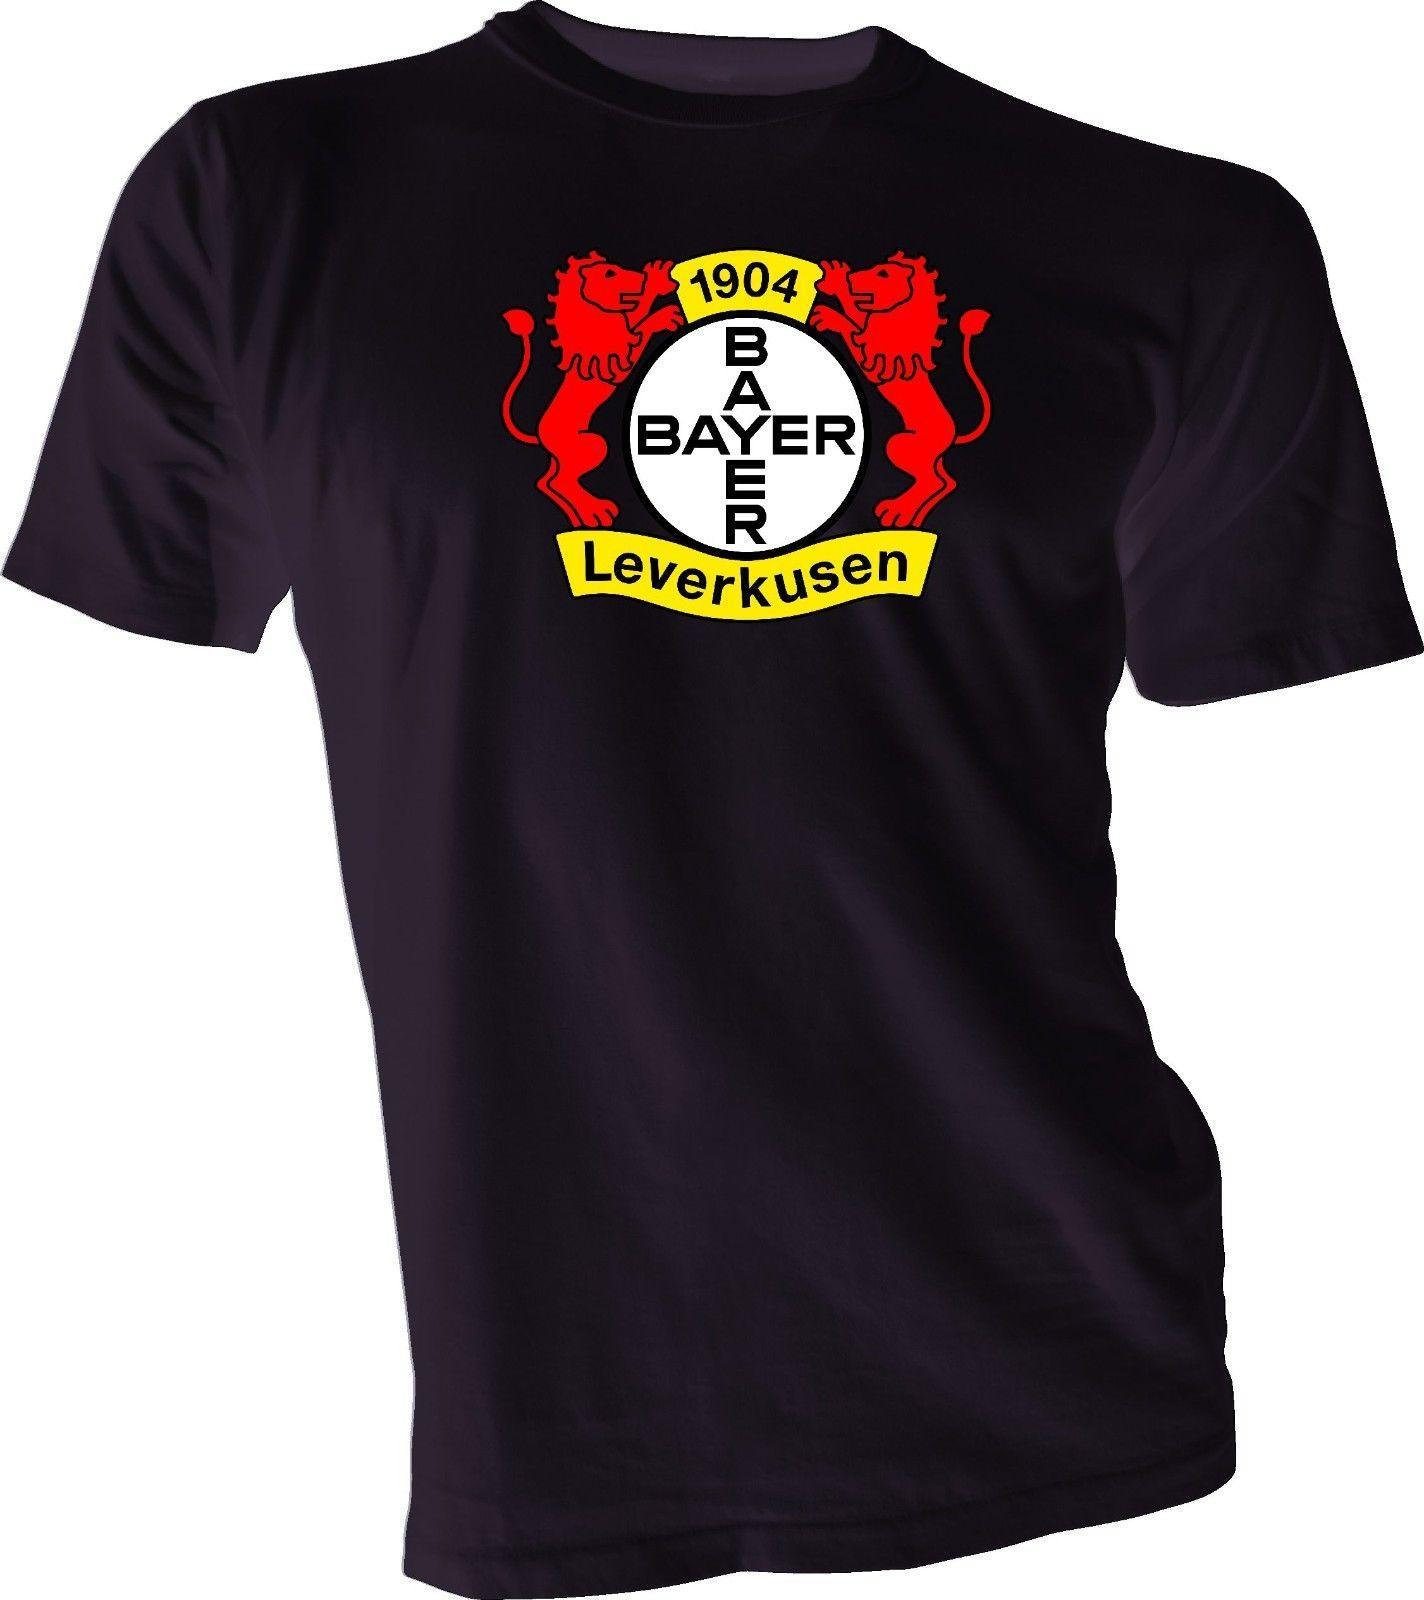 8e4b4a29f Compre Bayer 04 Leverkusen ALEMANIA Bundesliga Fútbol Fútbol Hecho A Mano  Original Nuevo 1 A  13.19 Del Hitshirt